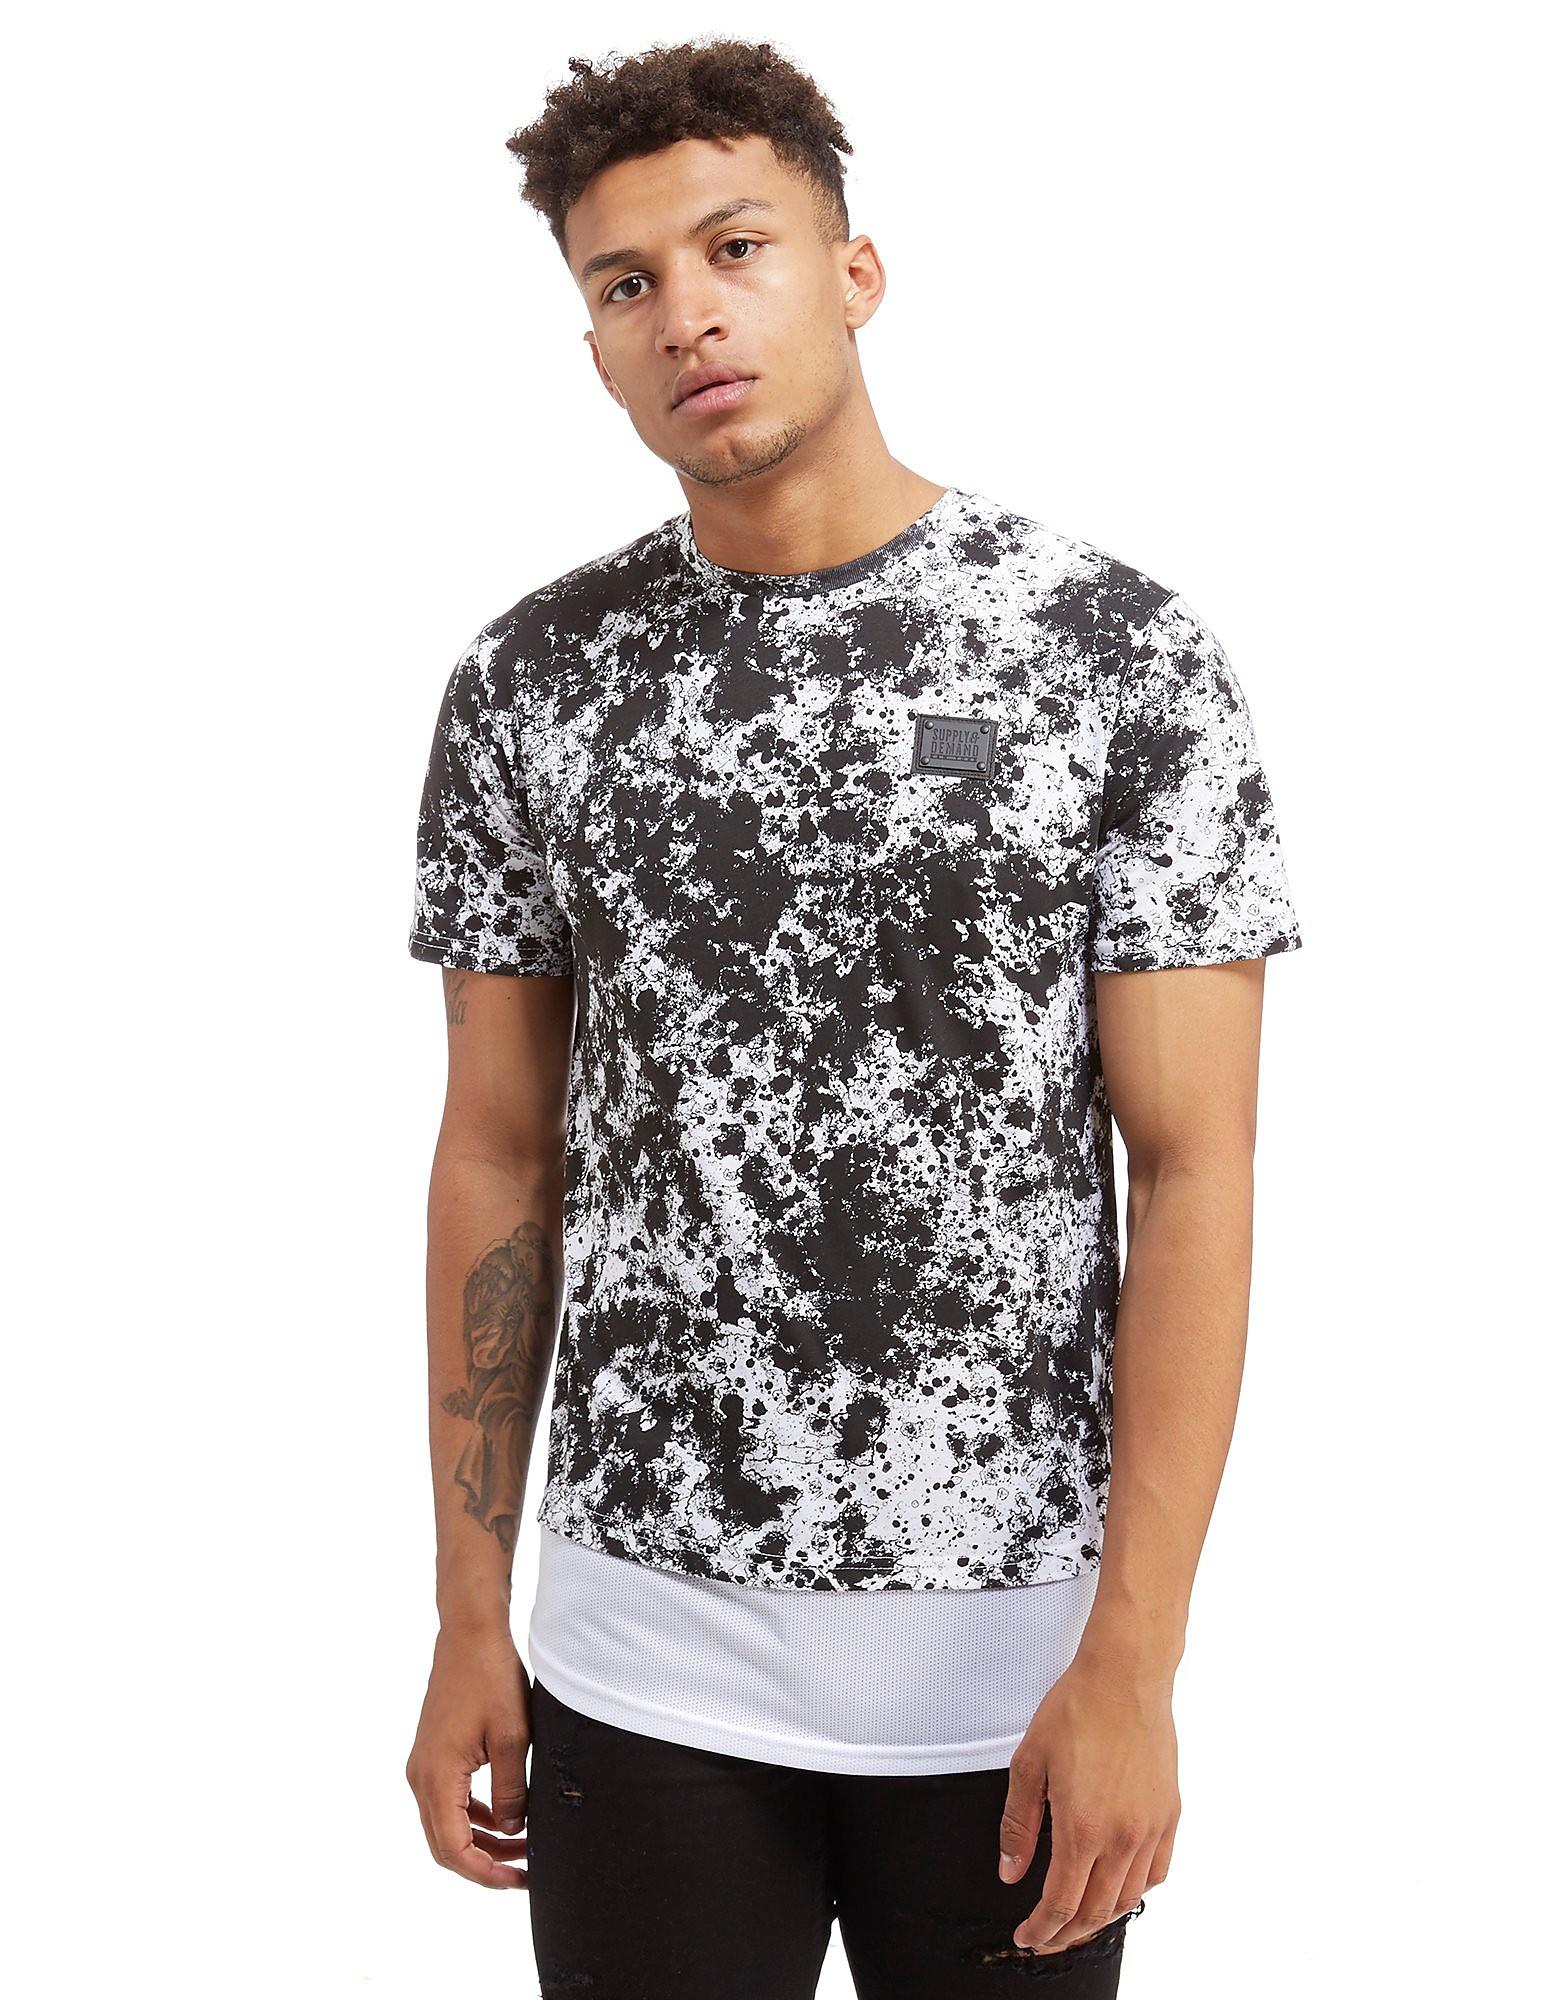 Supply & Demand camiseta Code